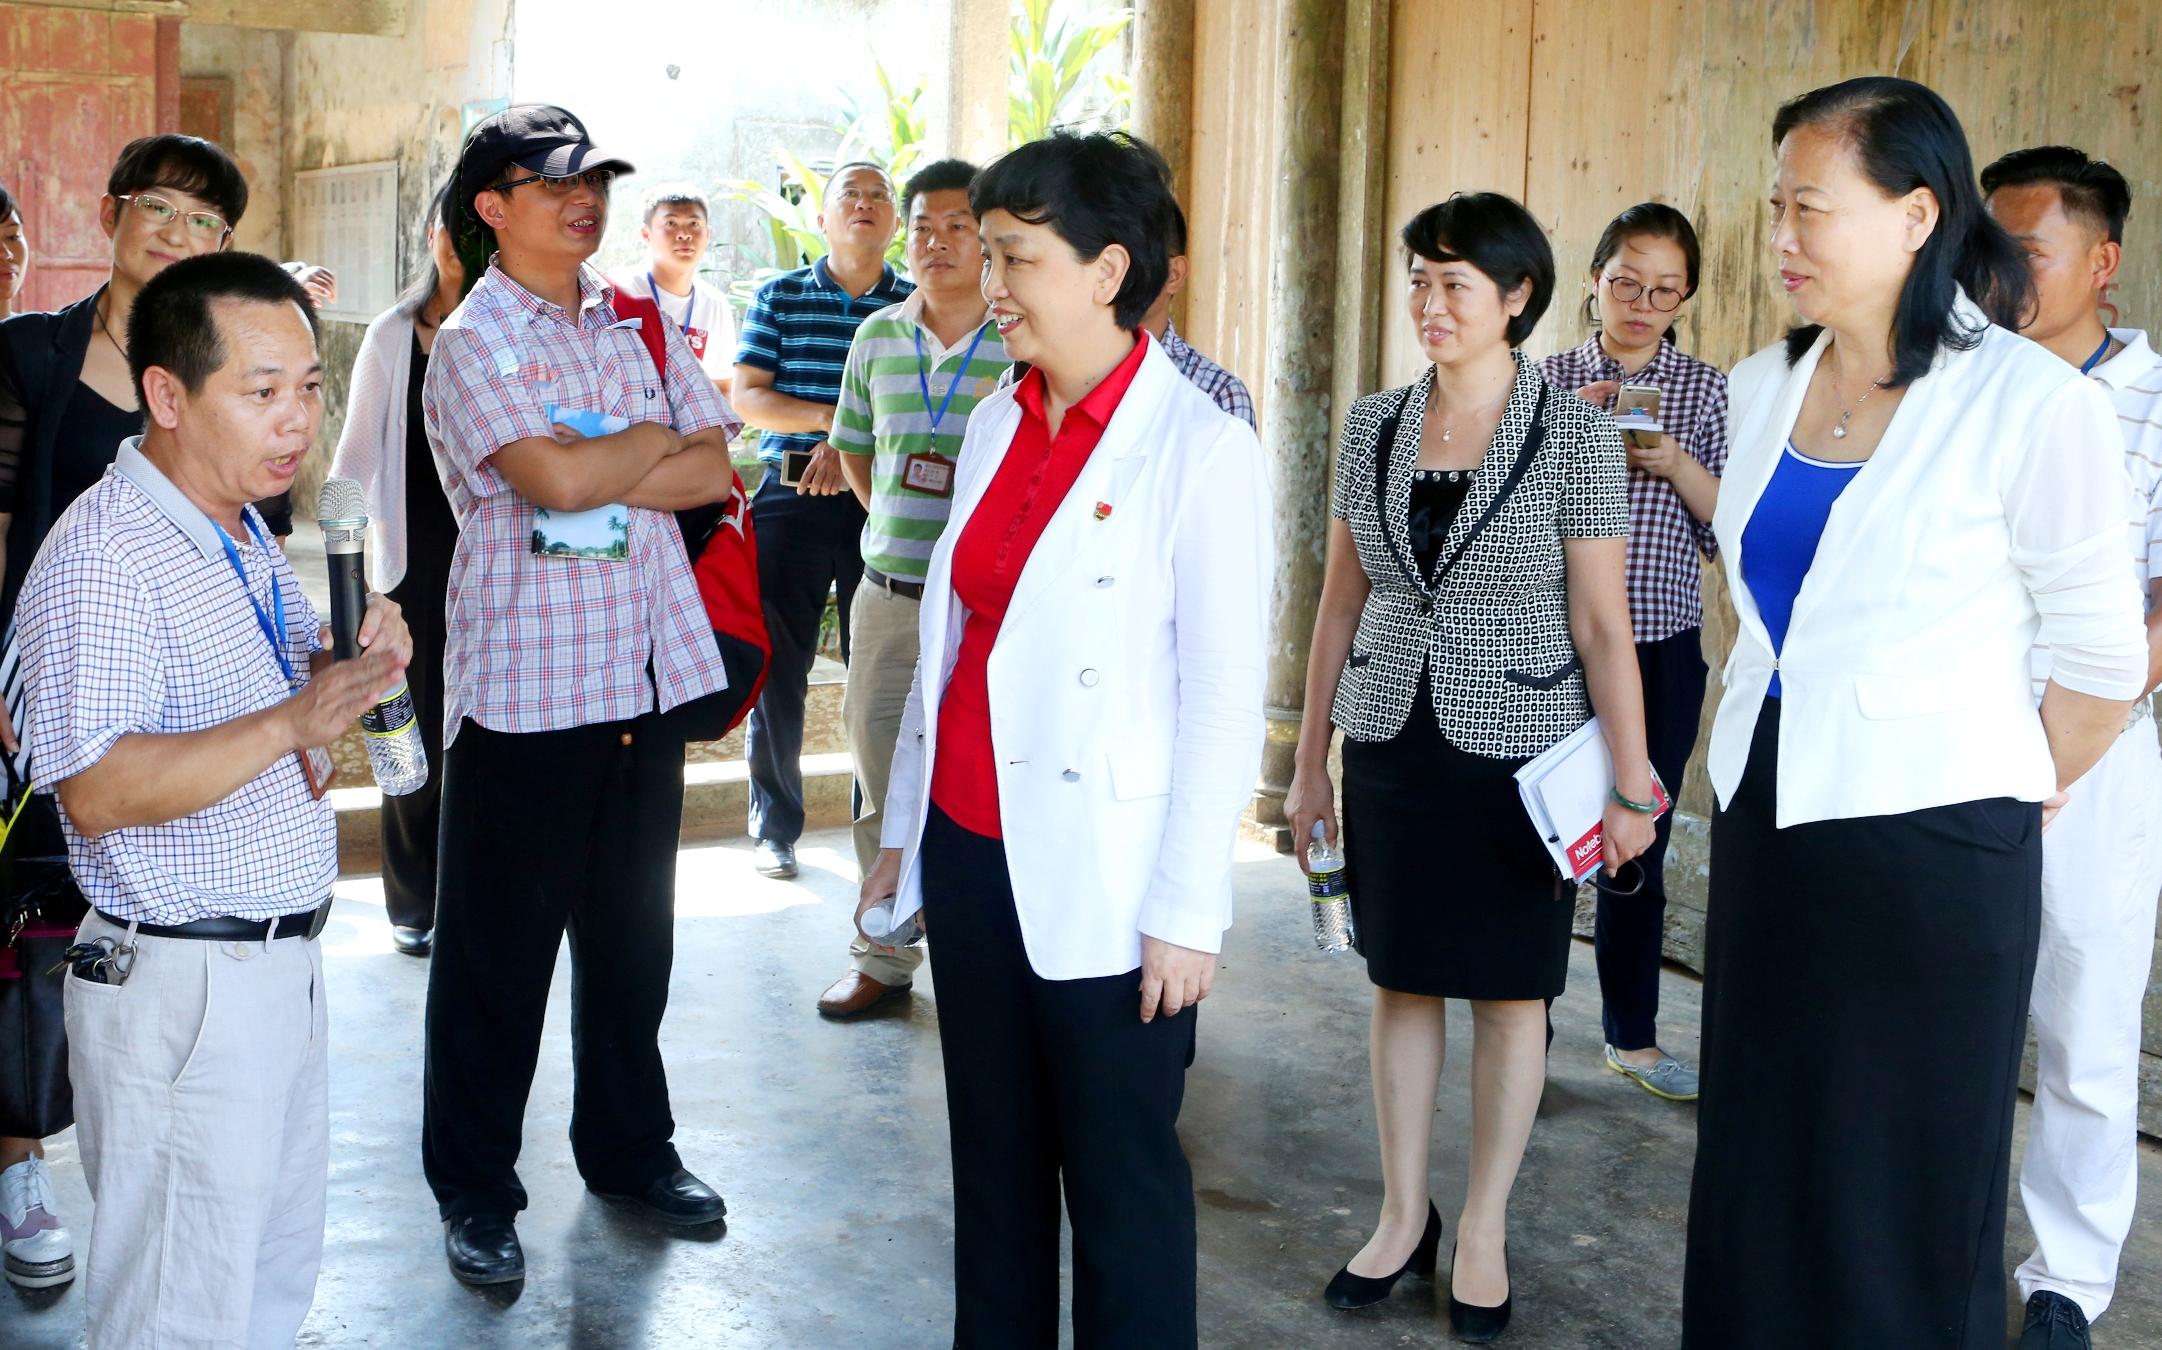 李红梅书记一行到桂林洋管委会交流调研 拟共建传统村落迈德村